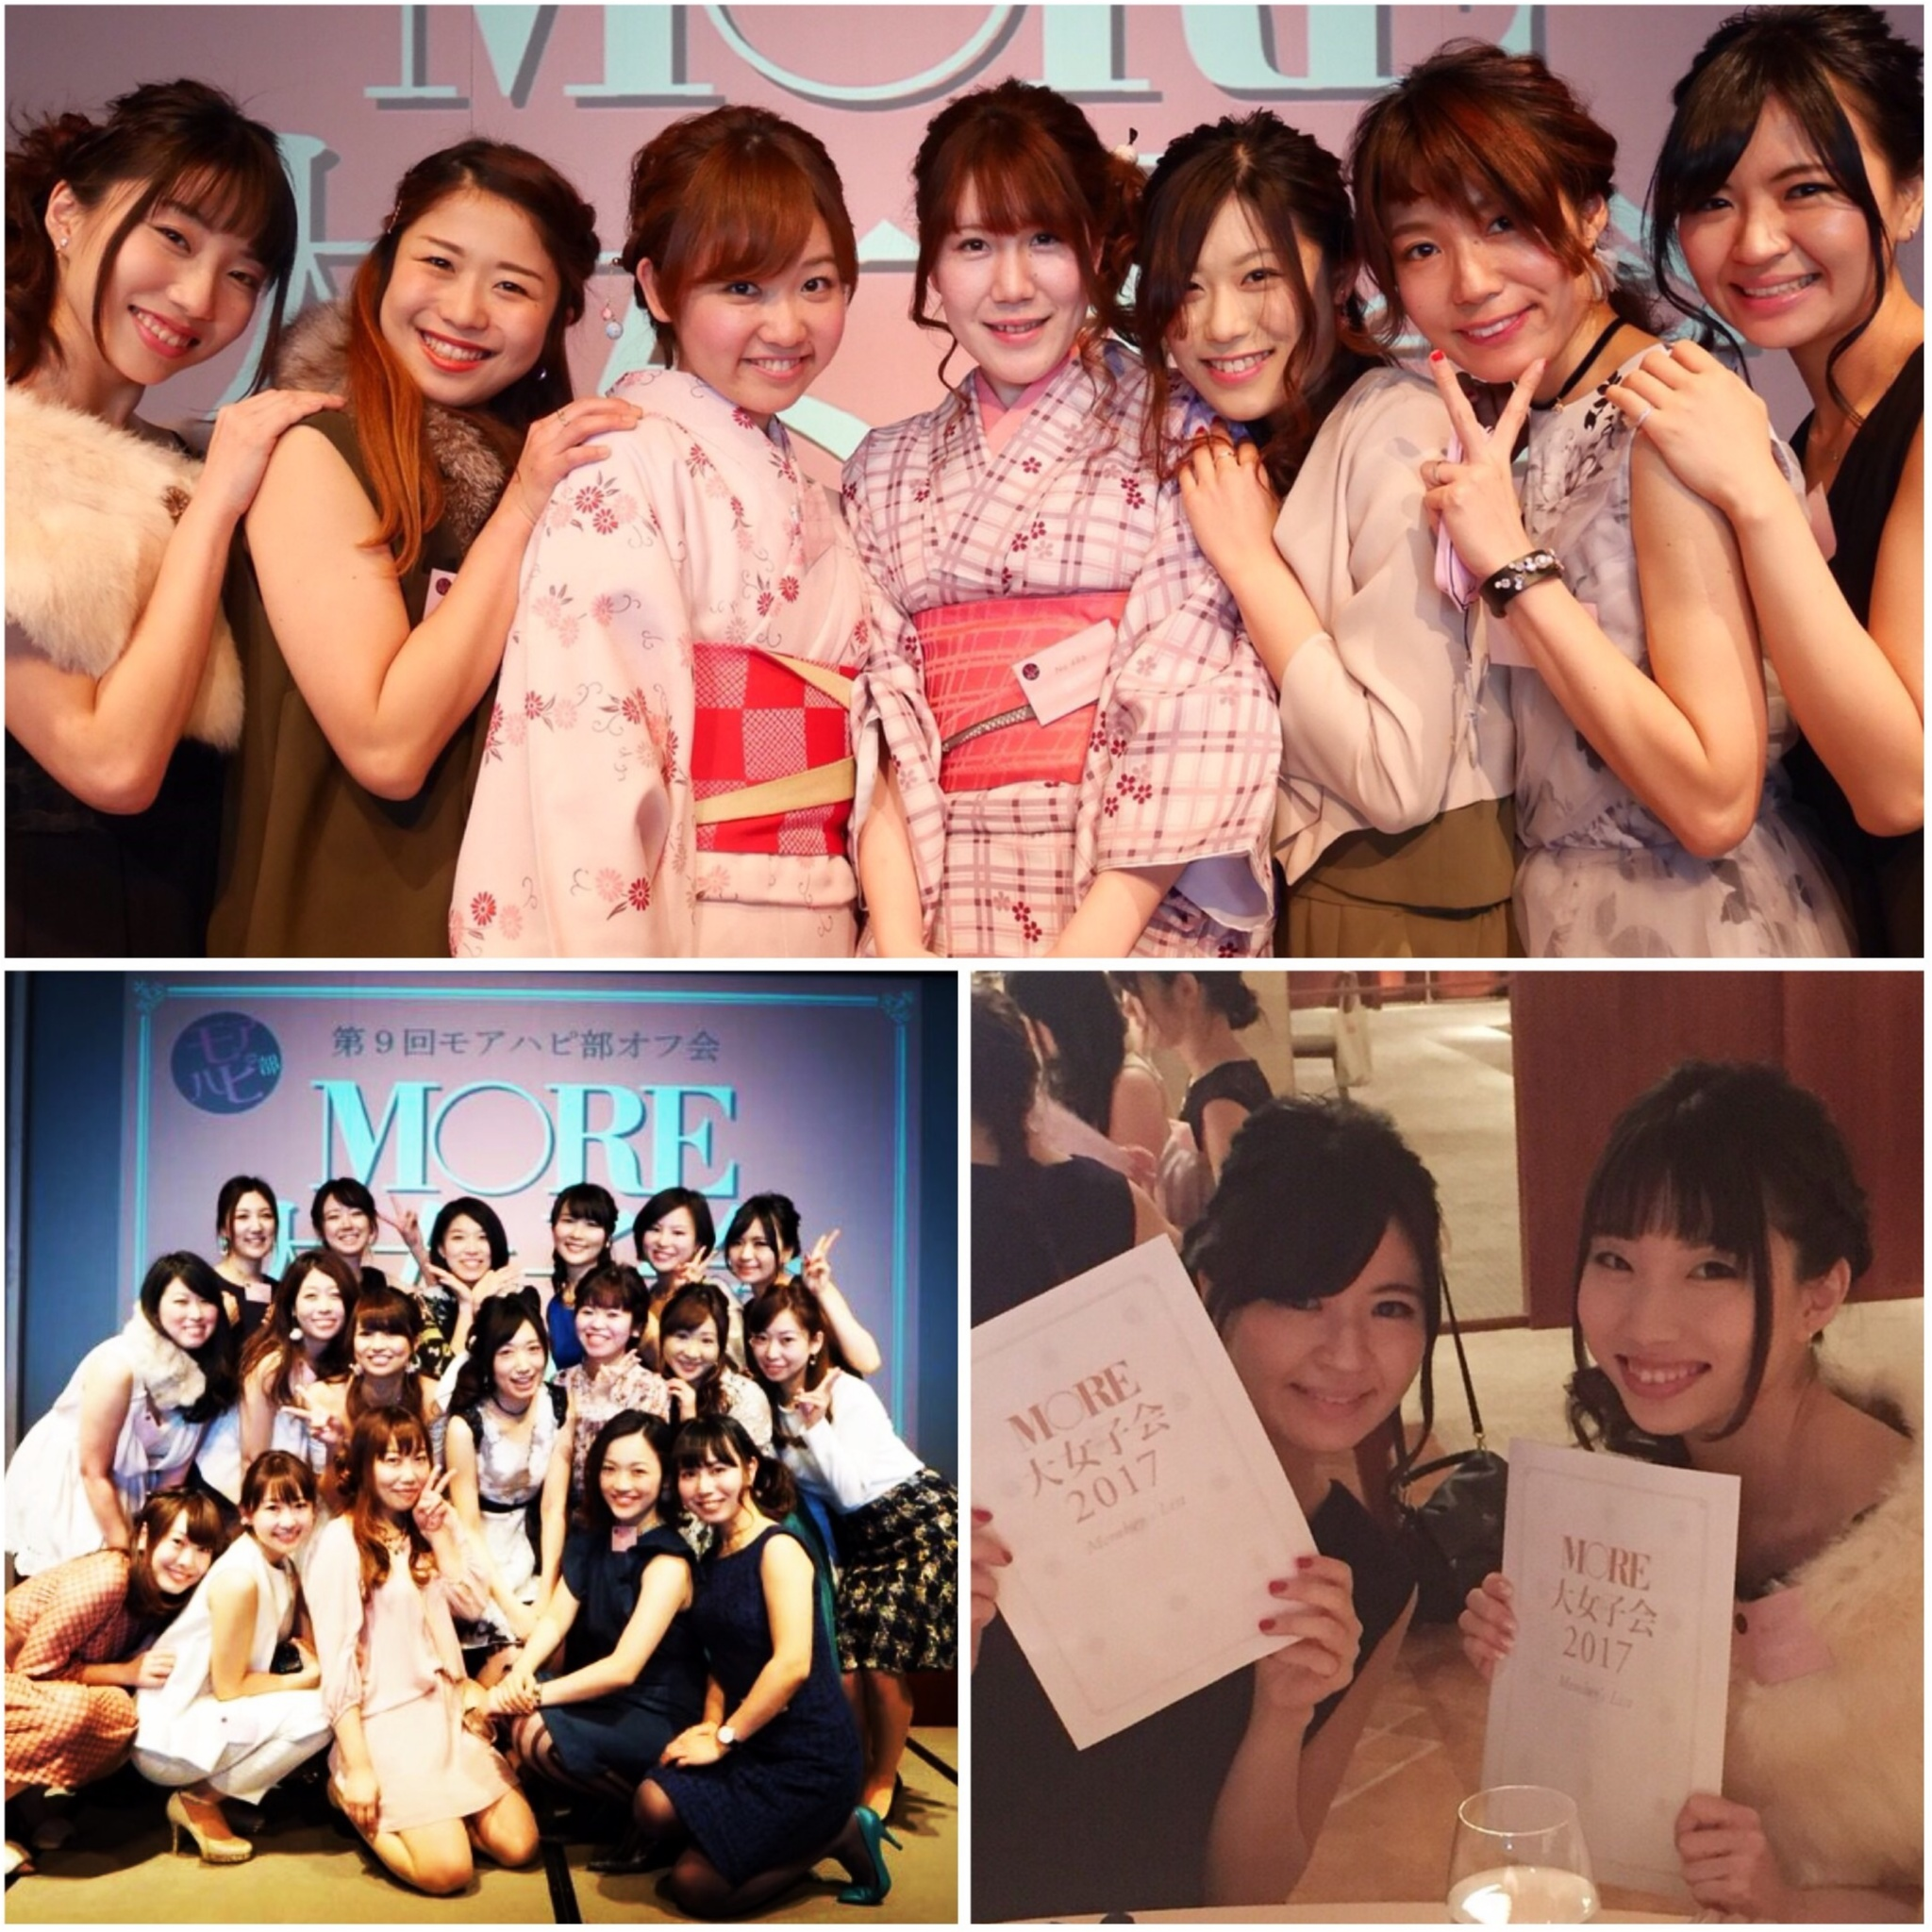 【レポート!】可愛い女の子がわんさか♡笑いっぱなしのモアハピ部大女子会♡_3